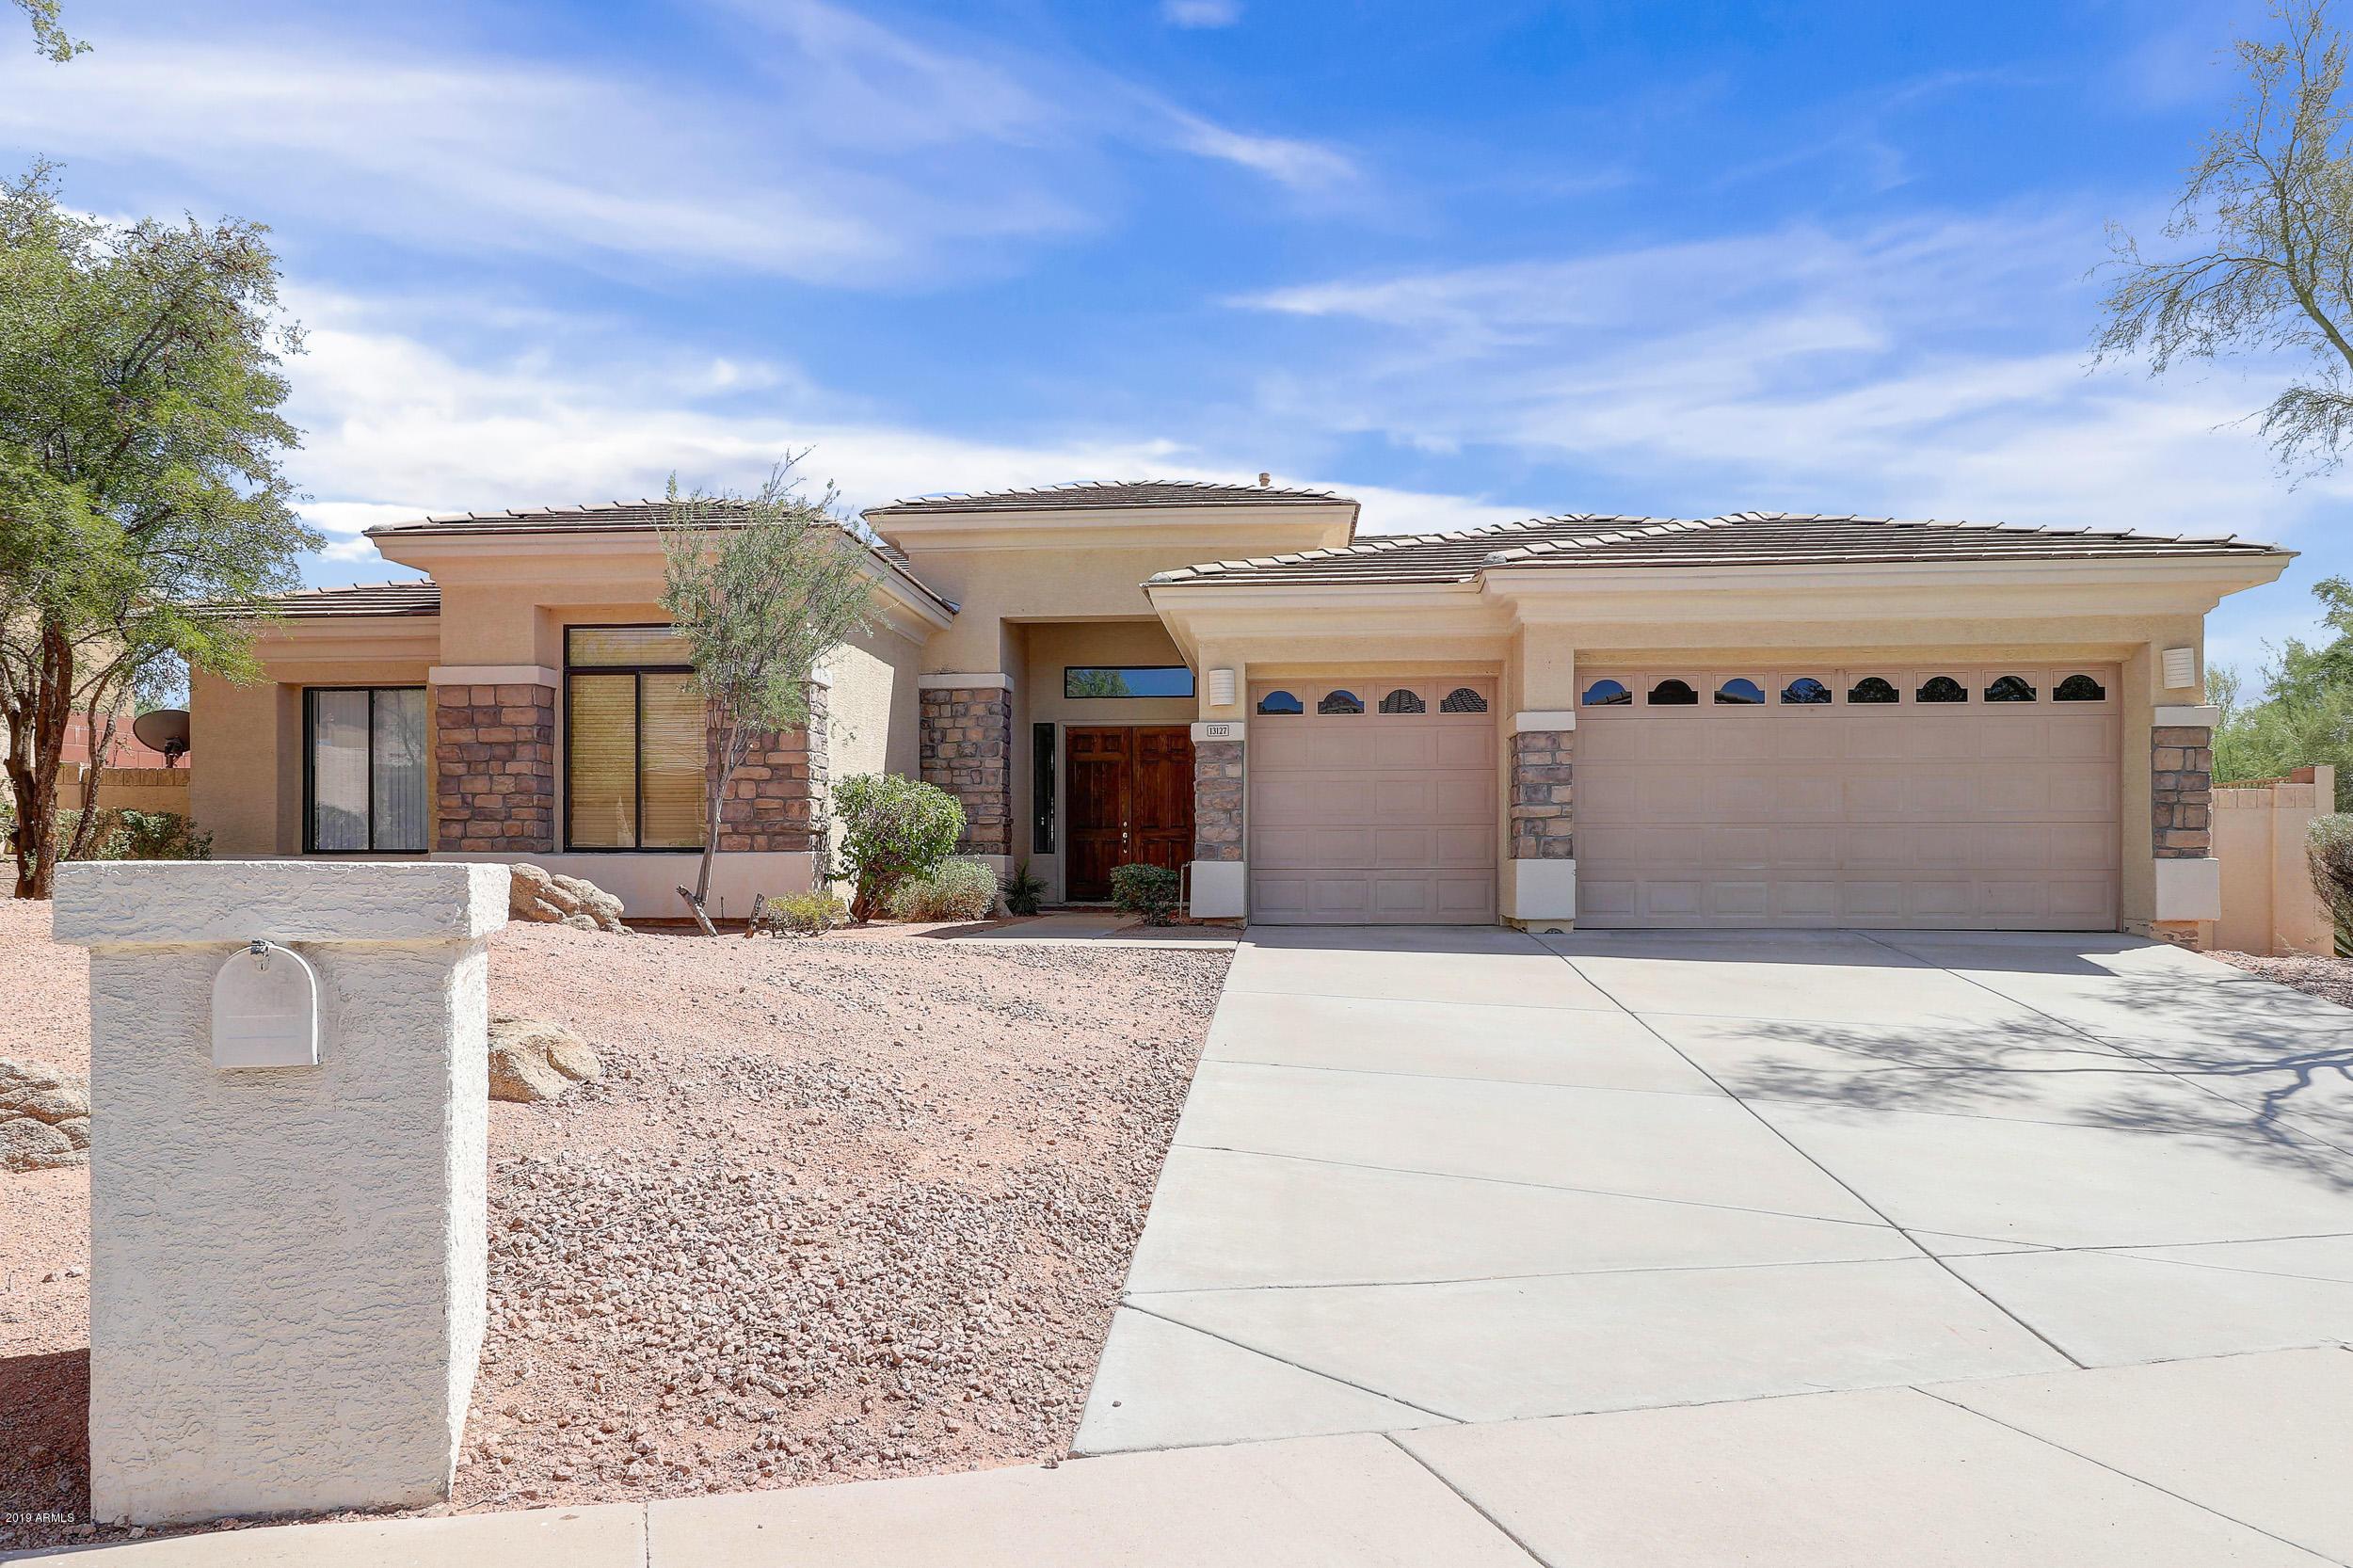 MLS 5972436 13127 E Lupine Avenue, Scottsdale, AZ 85259 Scottsdale AZ Private Pool